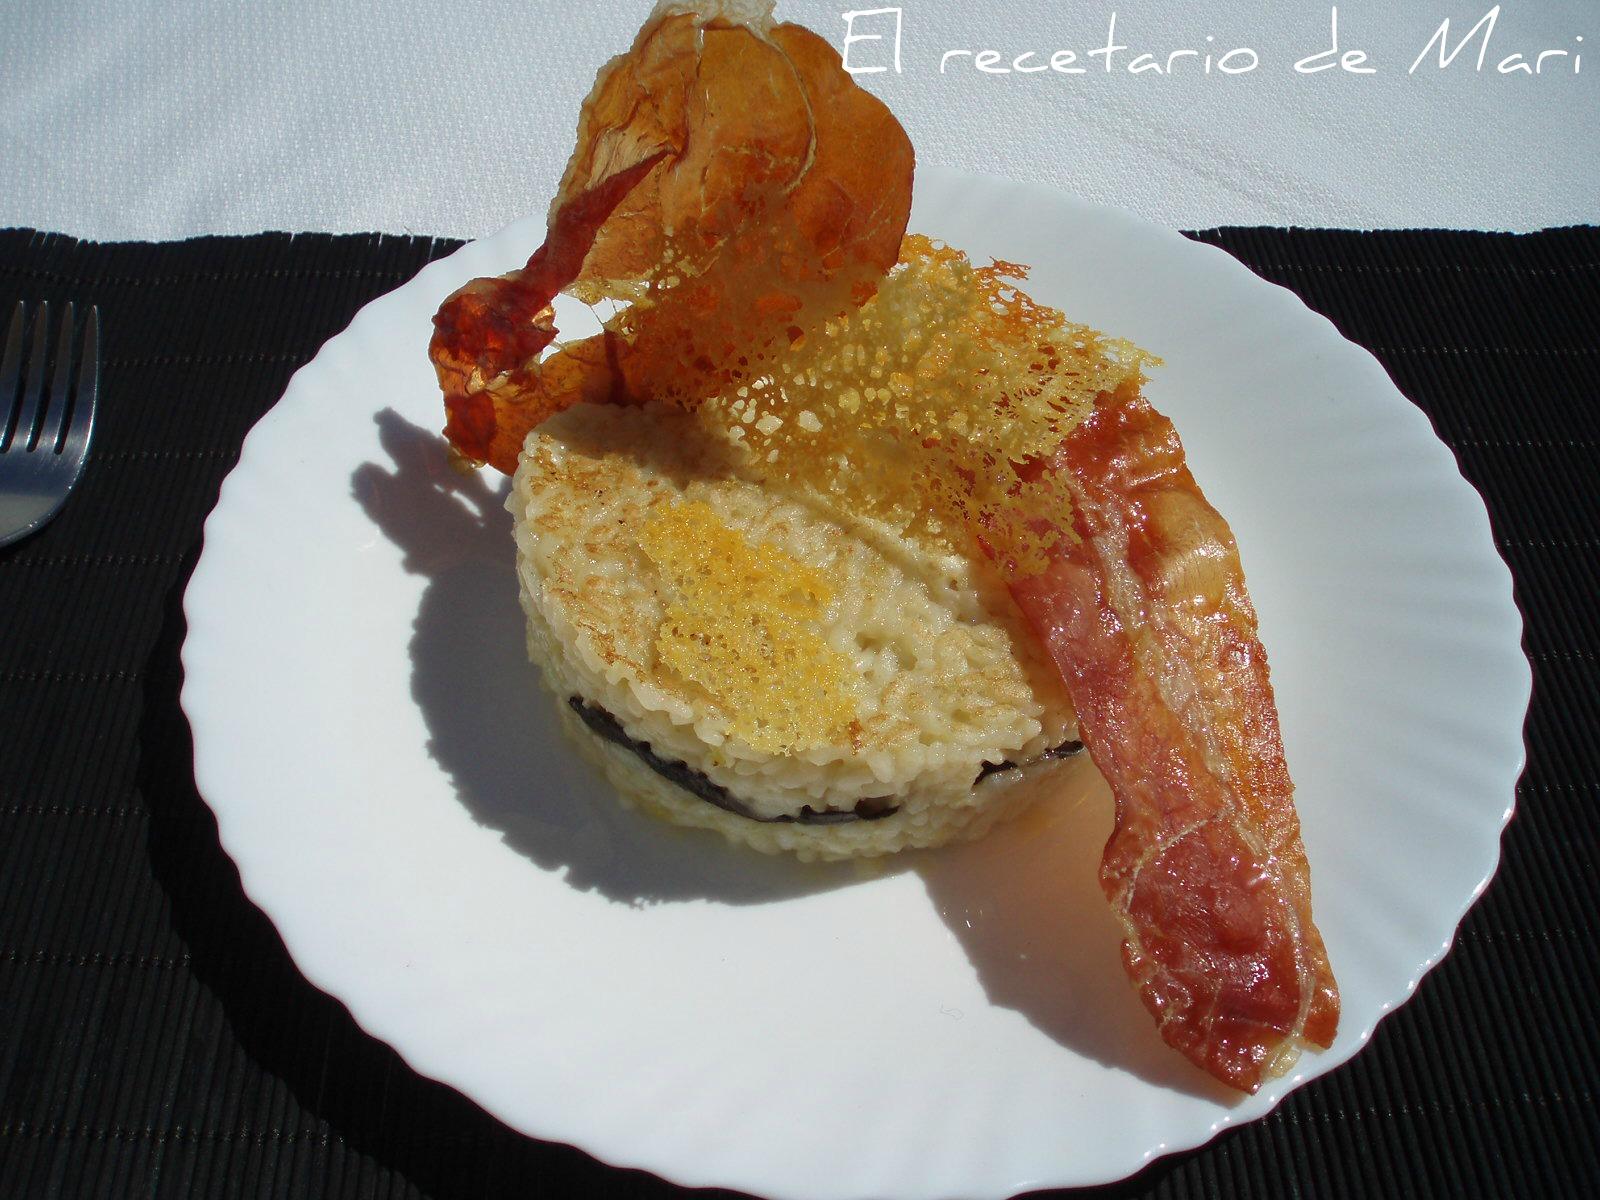 El recetario de mari risotto de setas con crujientes - Risoto con setas ...